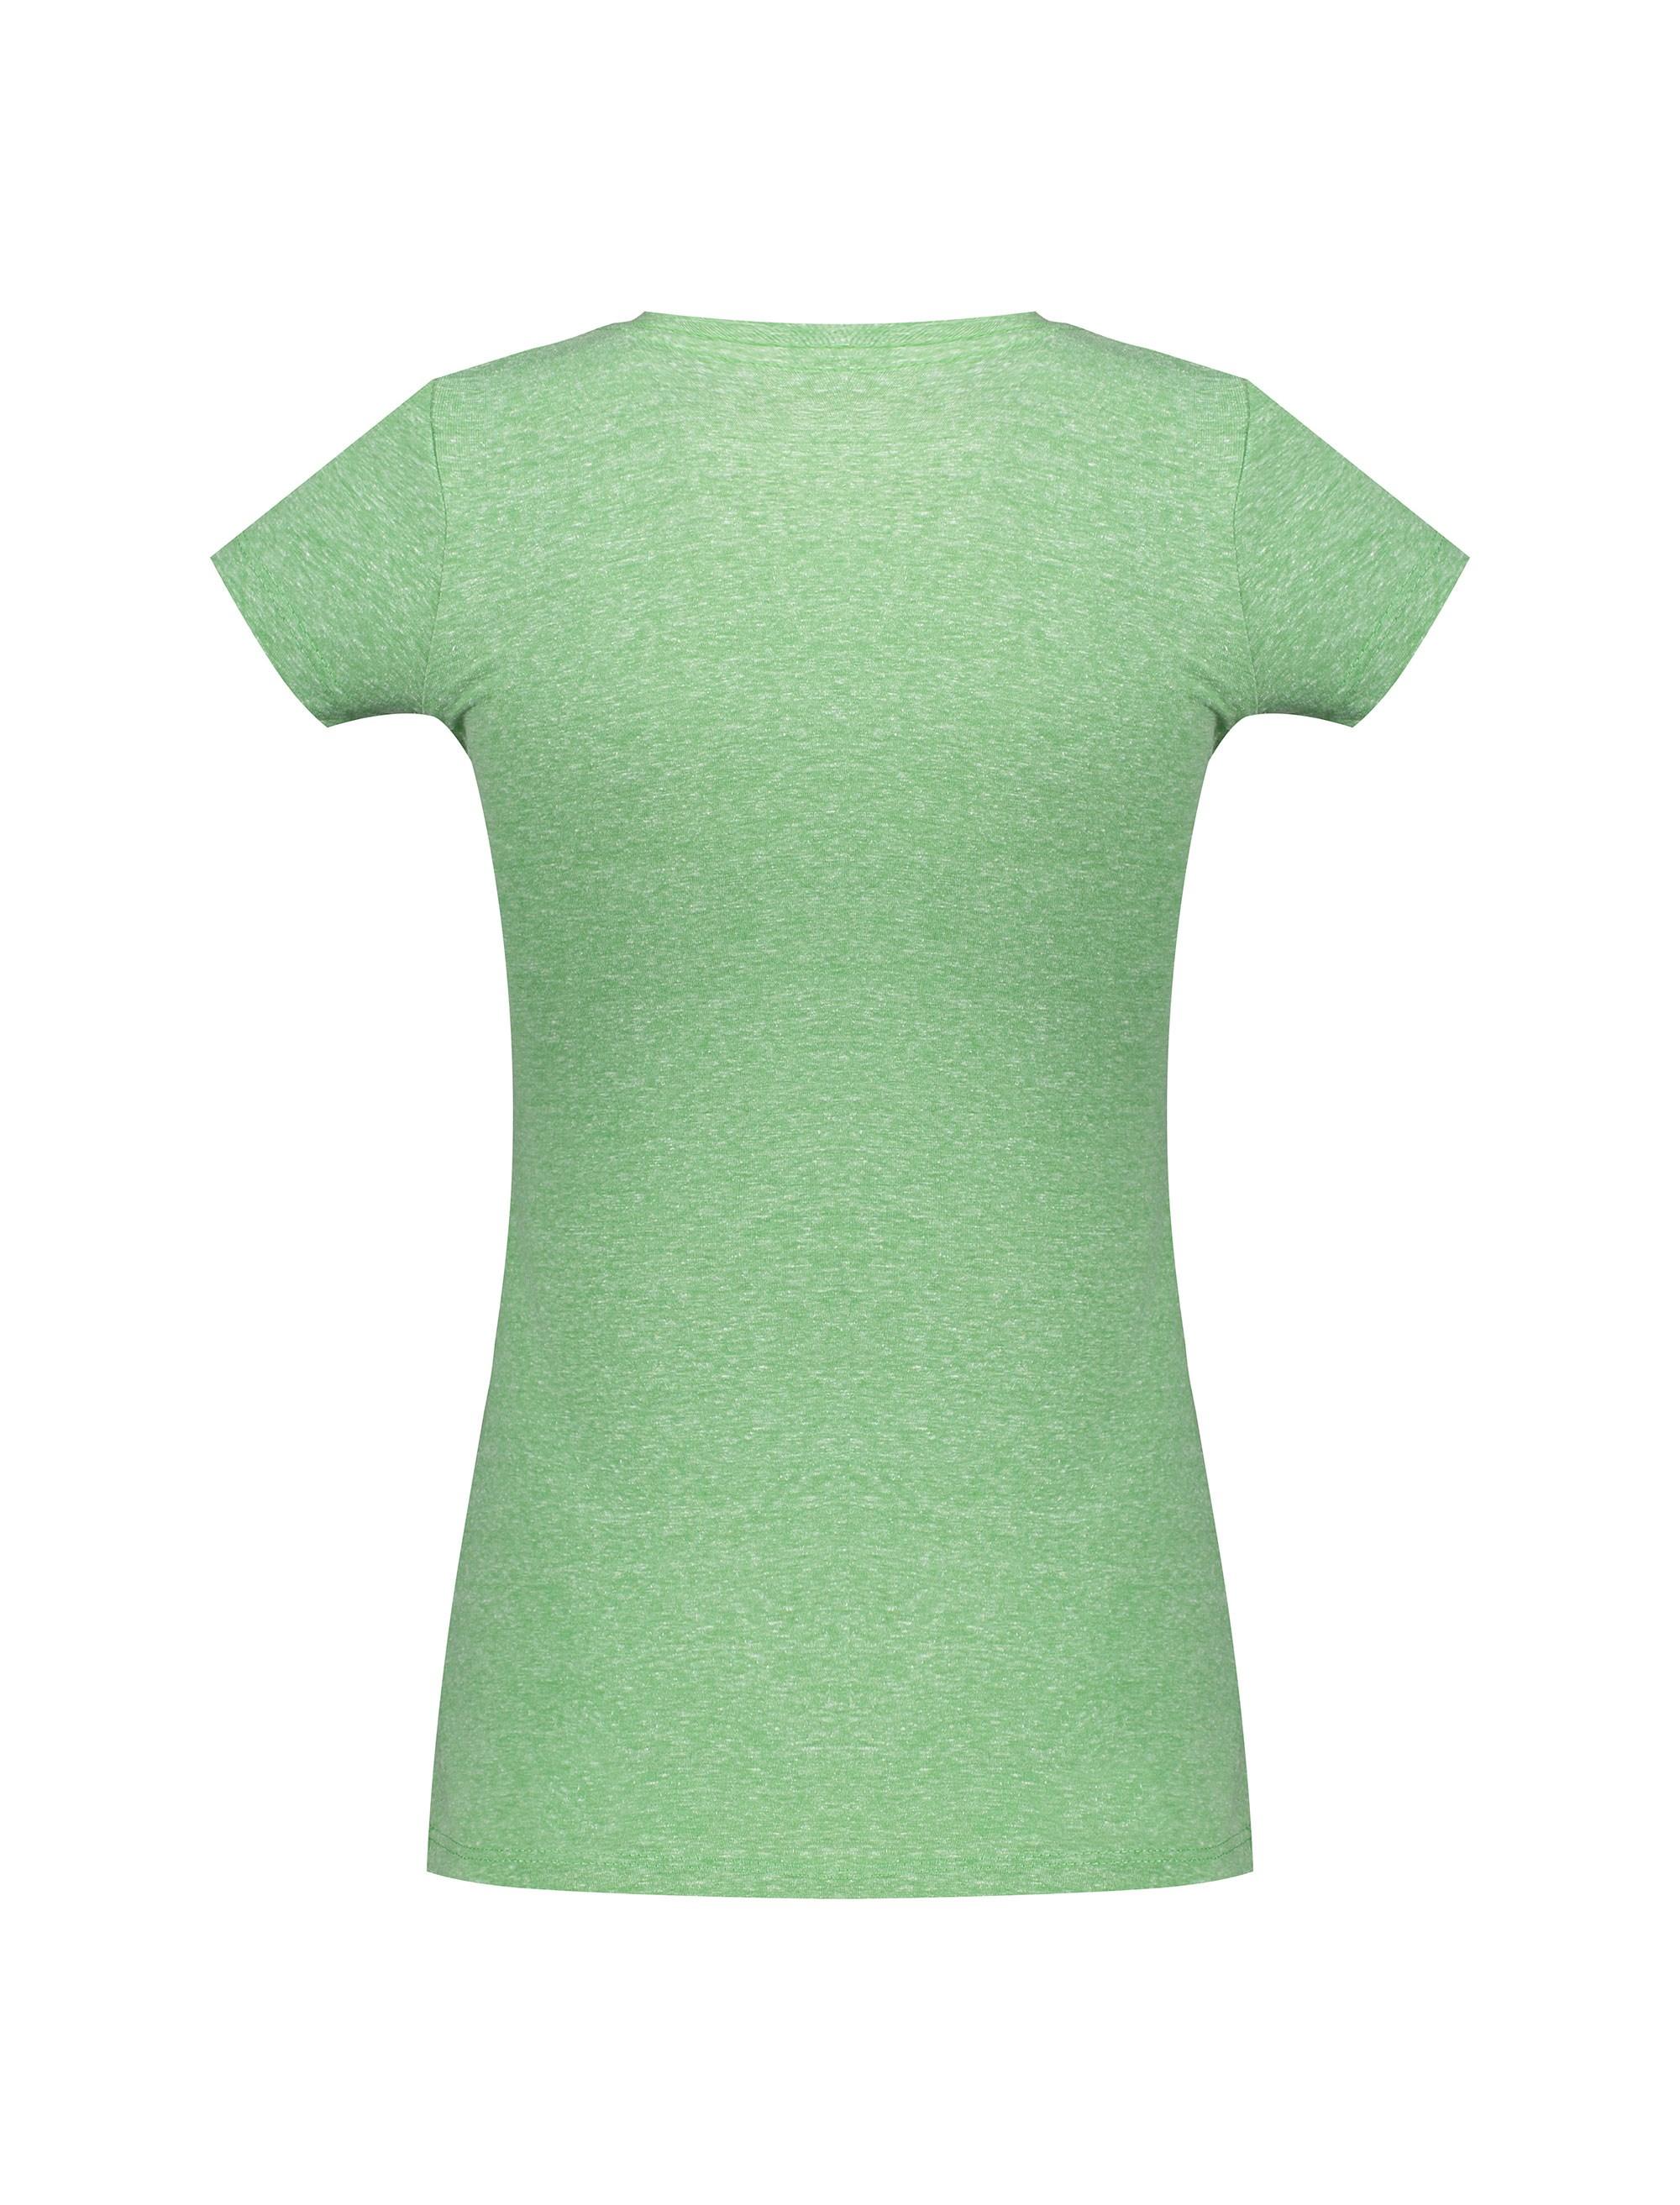 تی شرت یقه گرد زنانه - سبز - 2